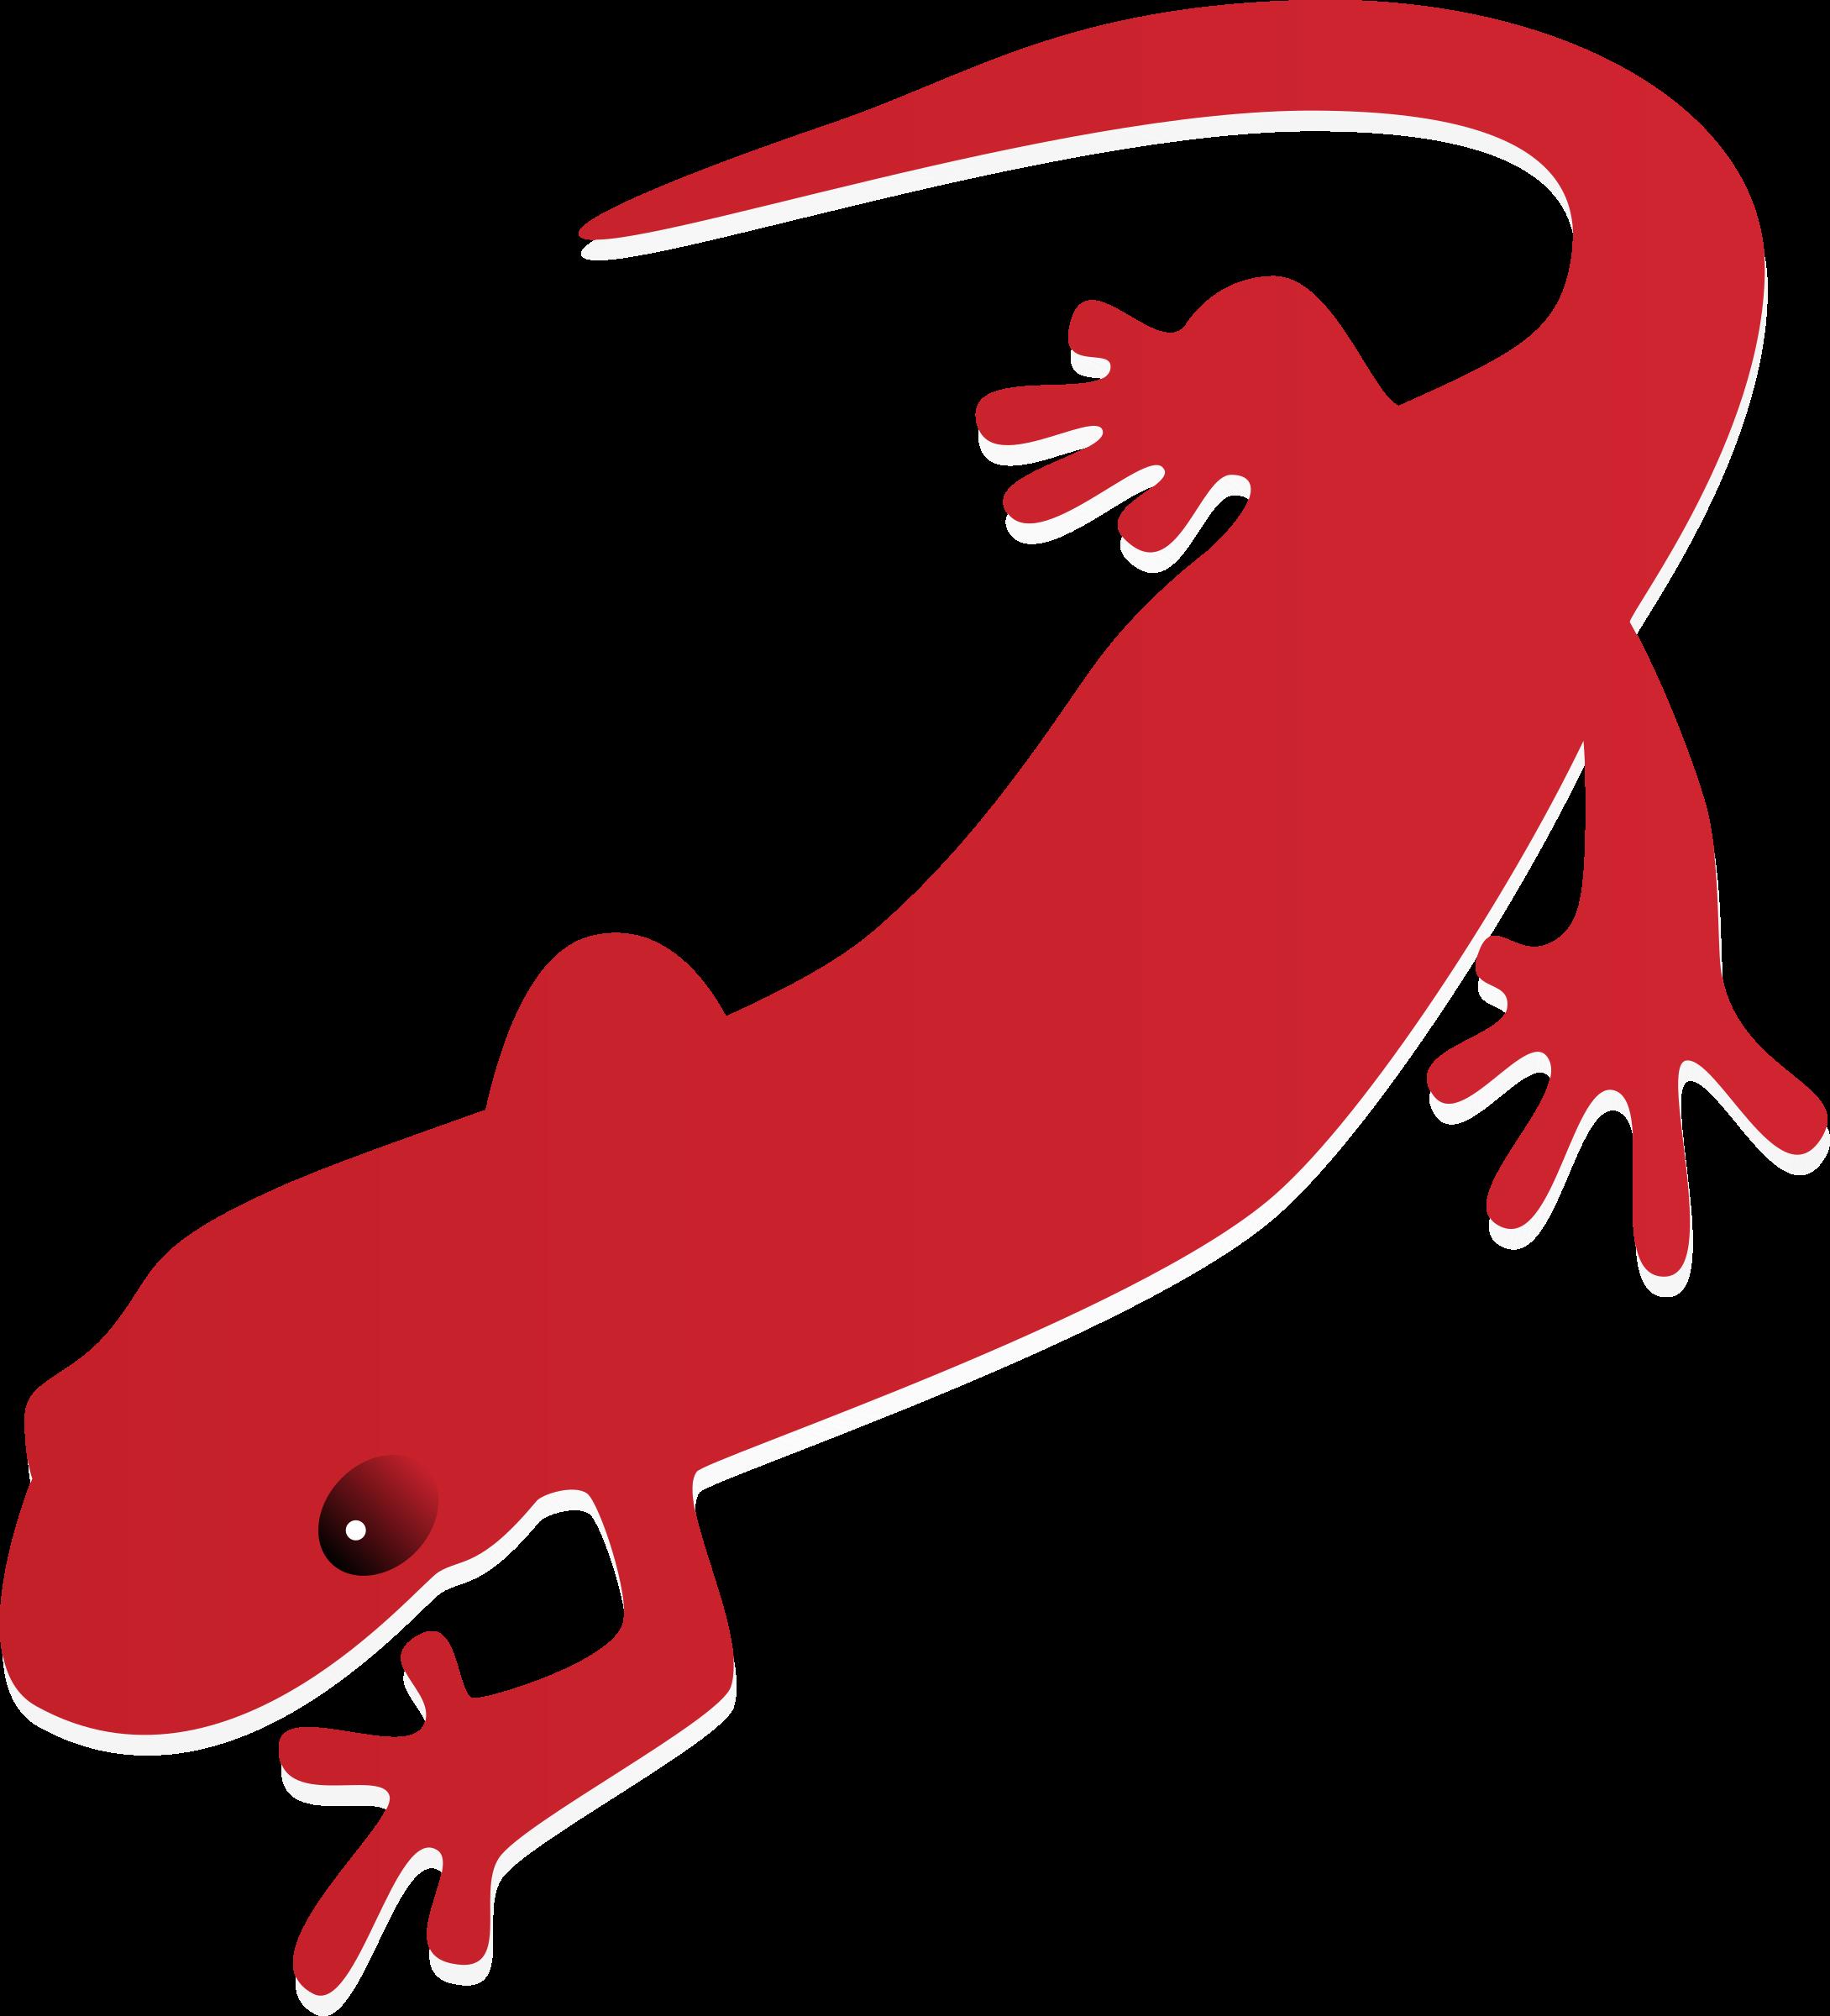 Gecko clipart salamander. Big image png